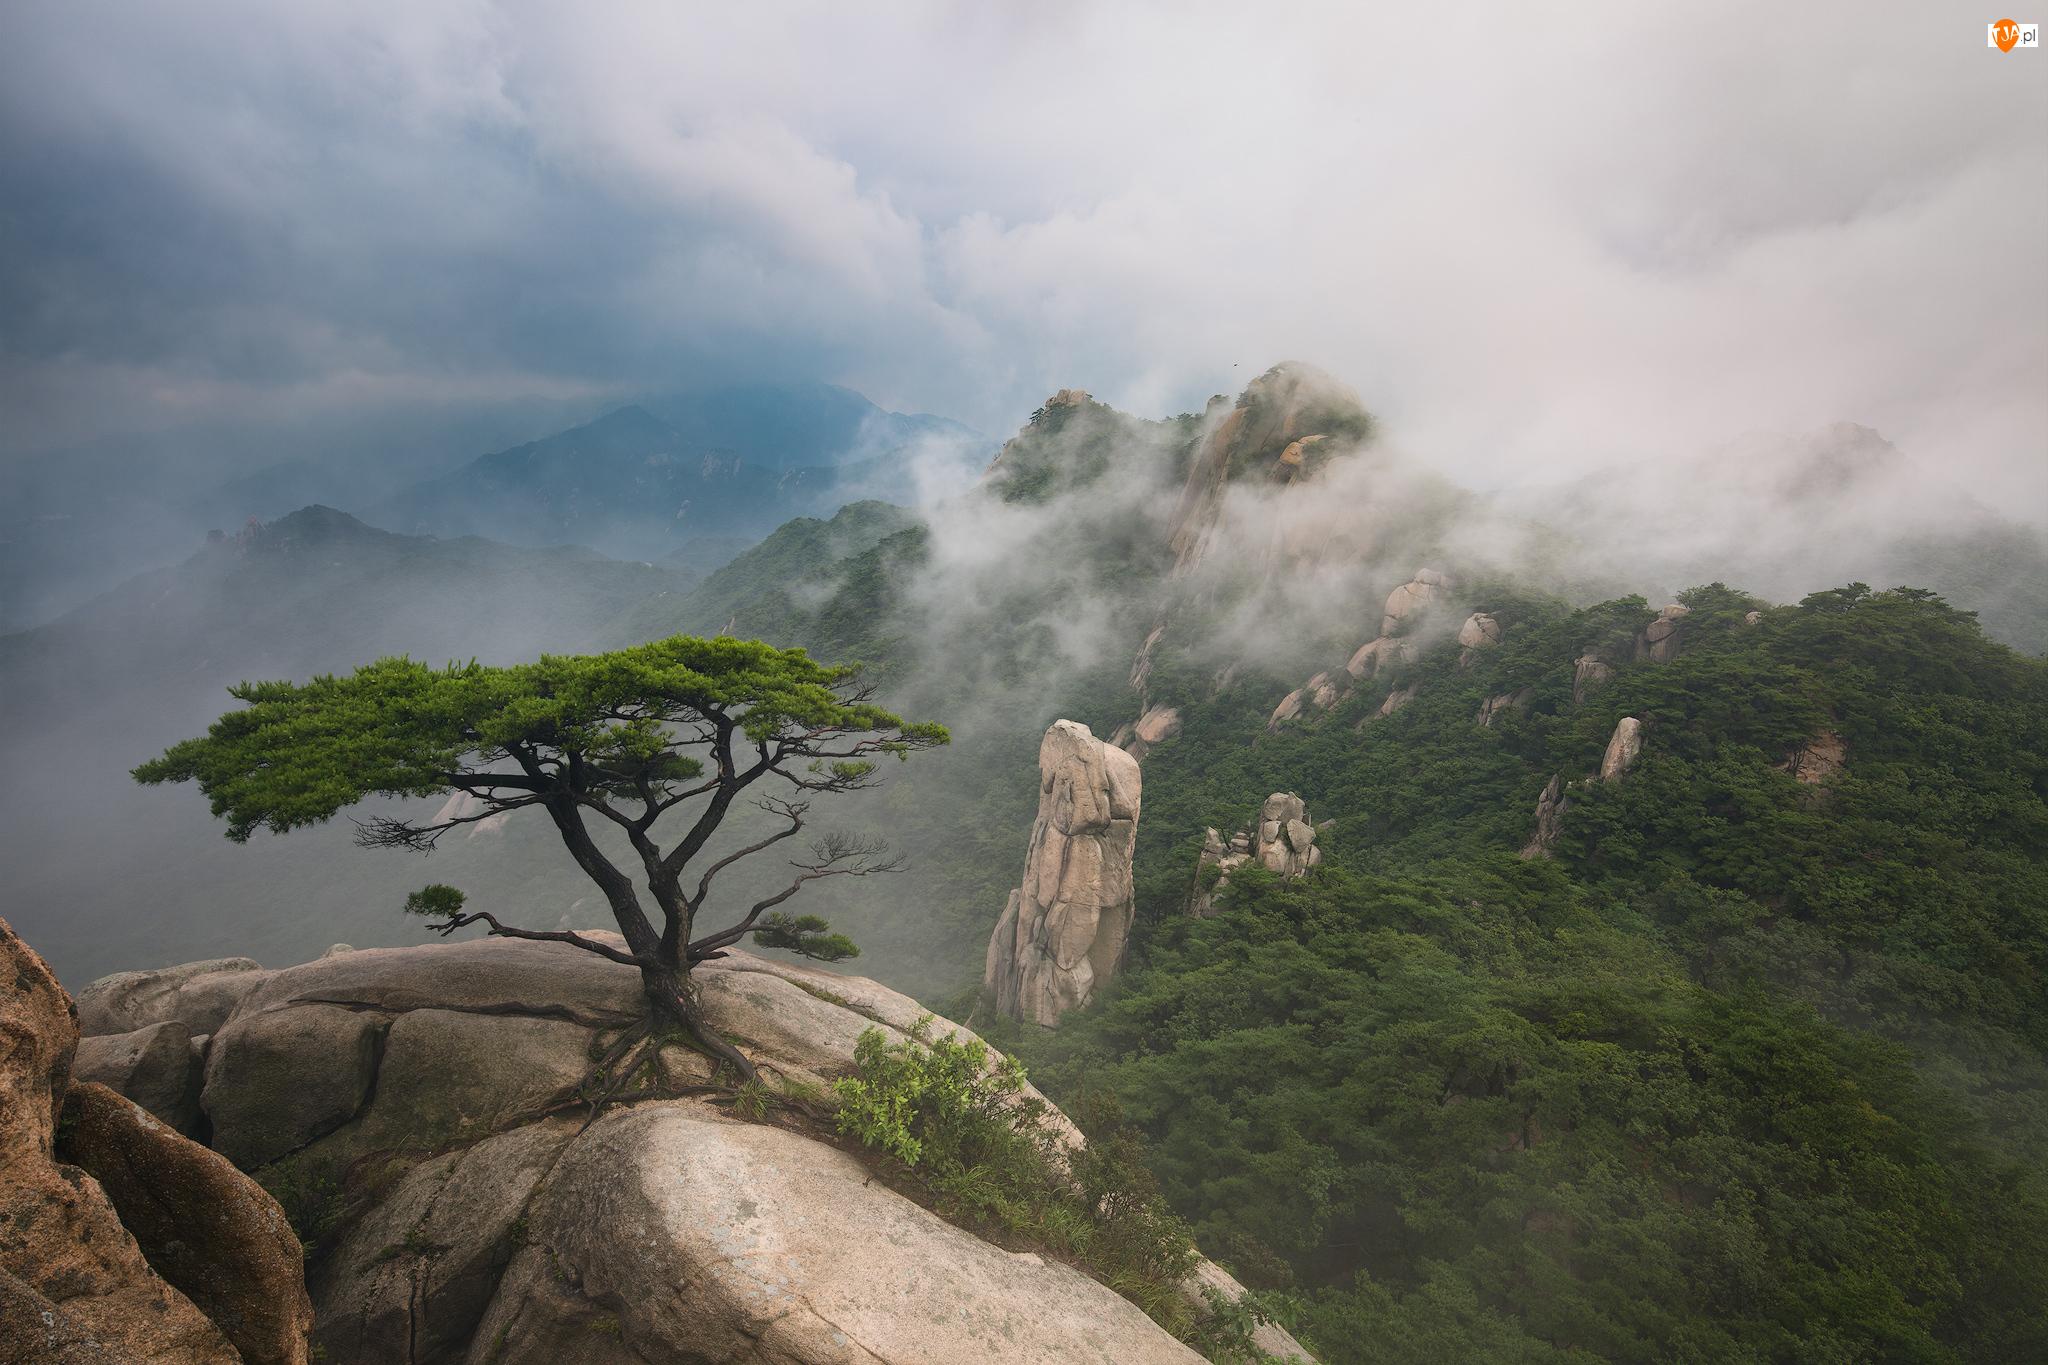 Zima, Skały, Sosna, Kamienie, Dobongsan, Prowincja Gyeonggi-do, Ośnieżone, Park Narodowy Bukhansan, Drzewa, Góry, Korea Południowa